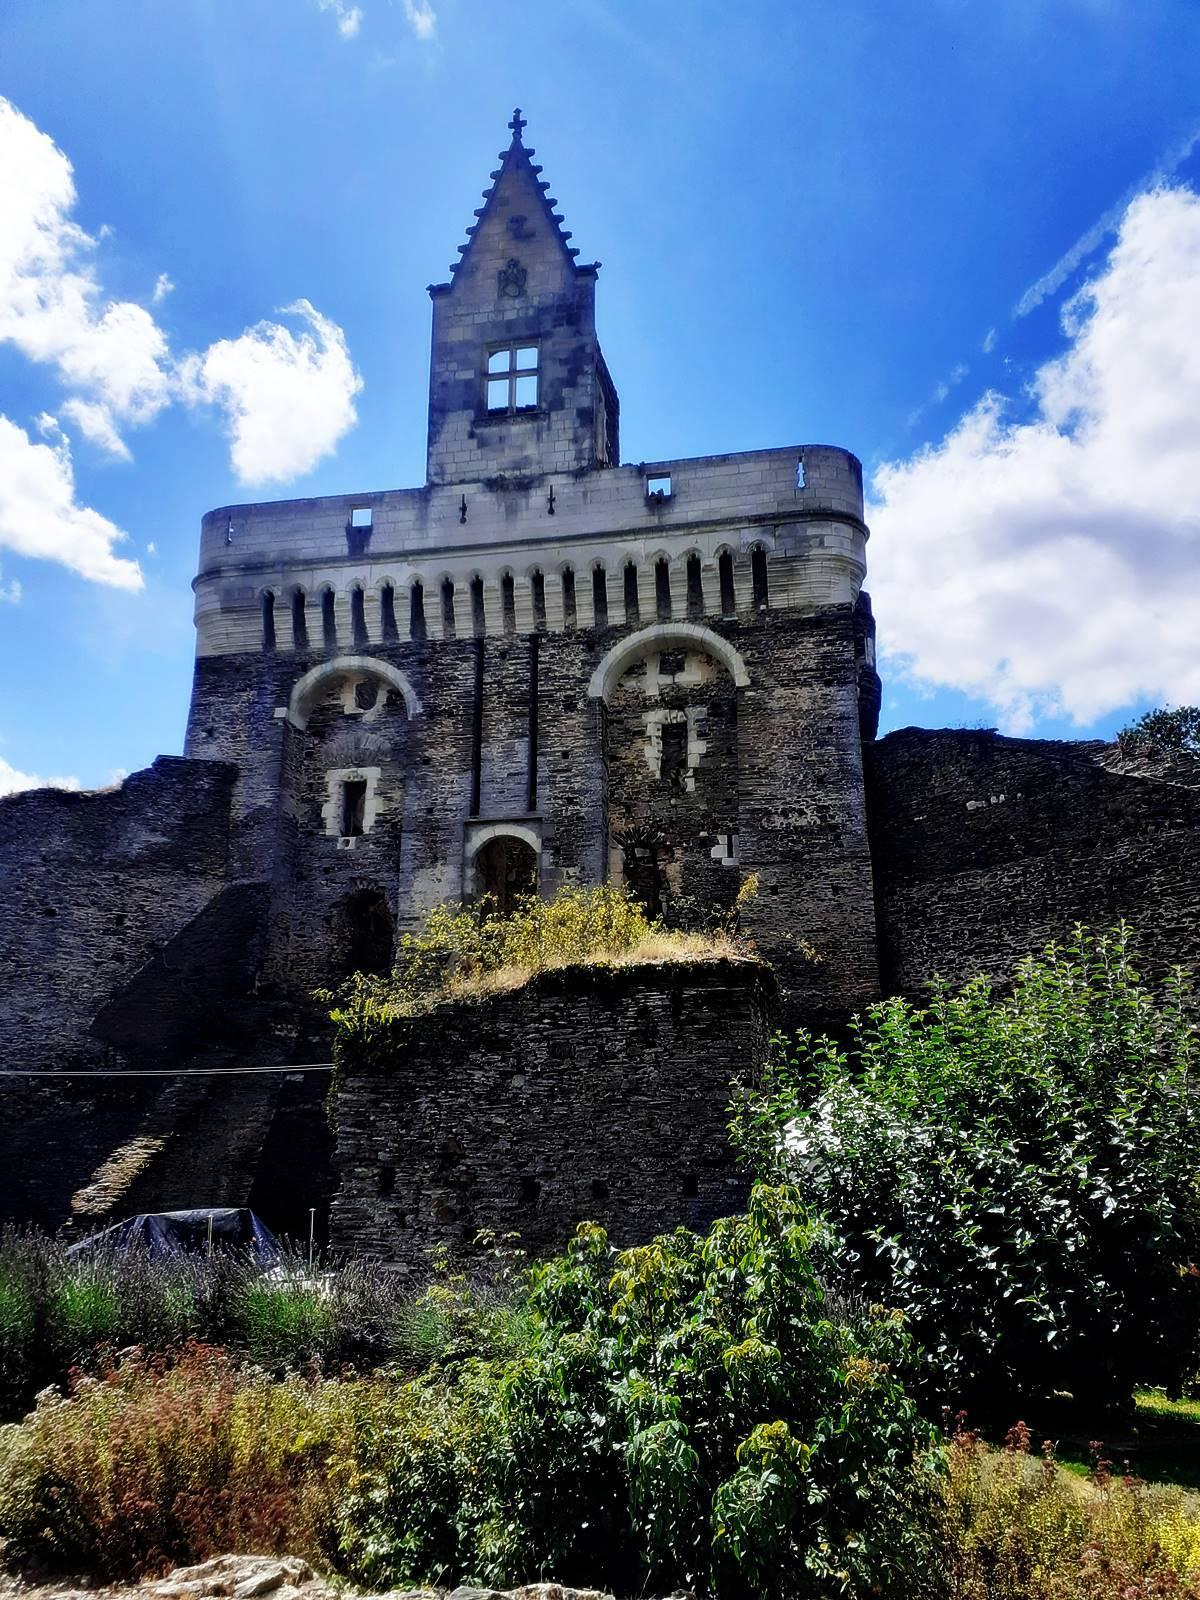 Chateau plessis mace maine loire gratuit20200801 202627